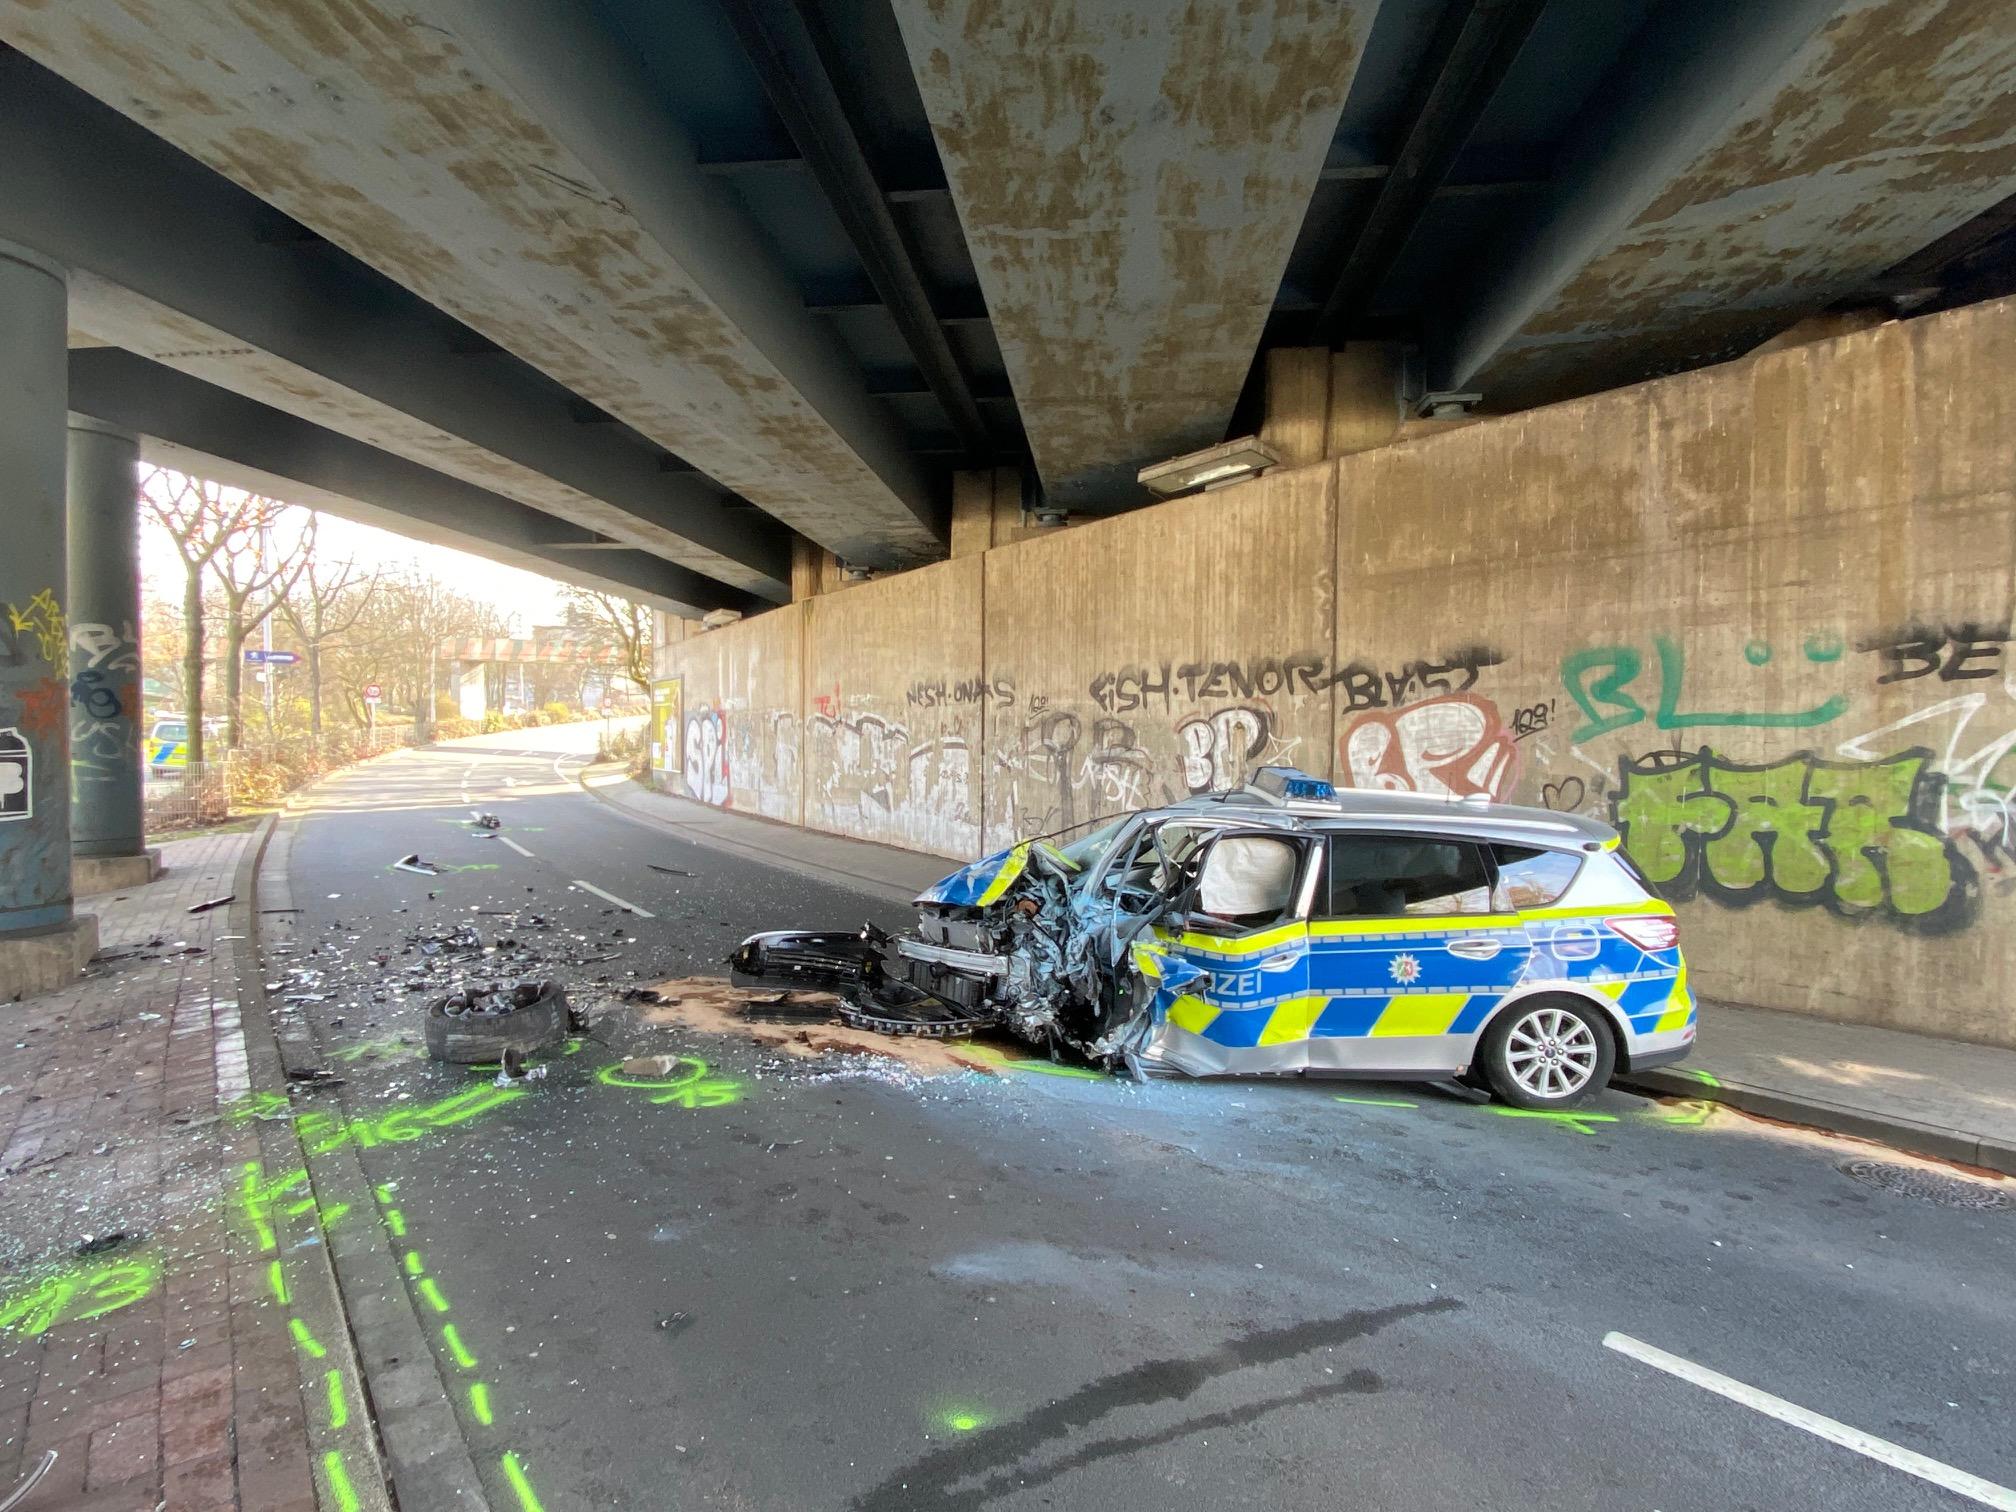 Streifenwagen verunglückt in Unterführung - zwei Beamte schwer verletzt